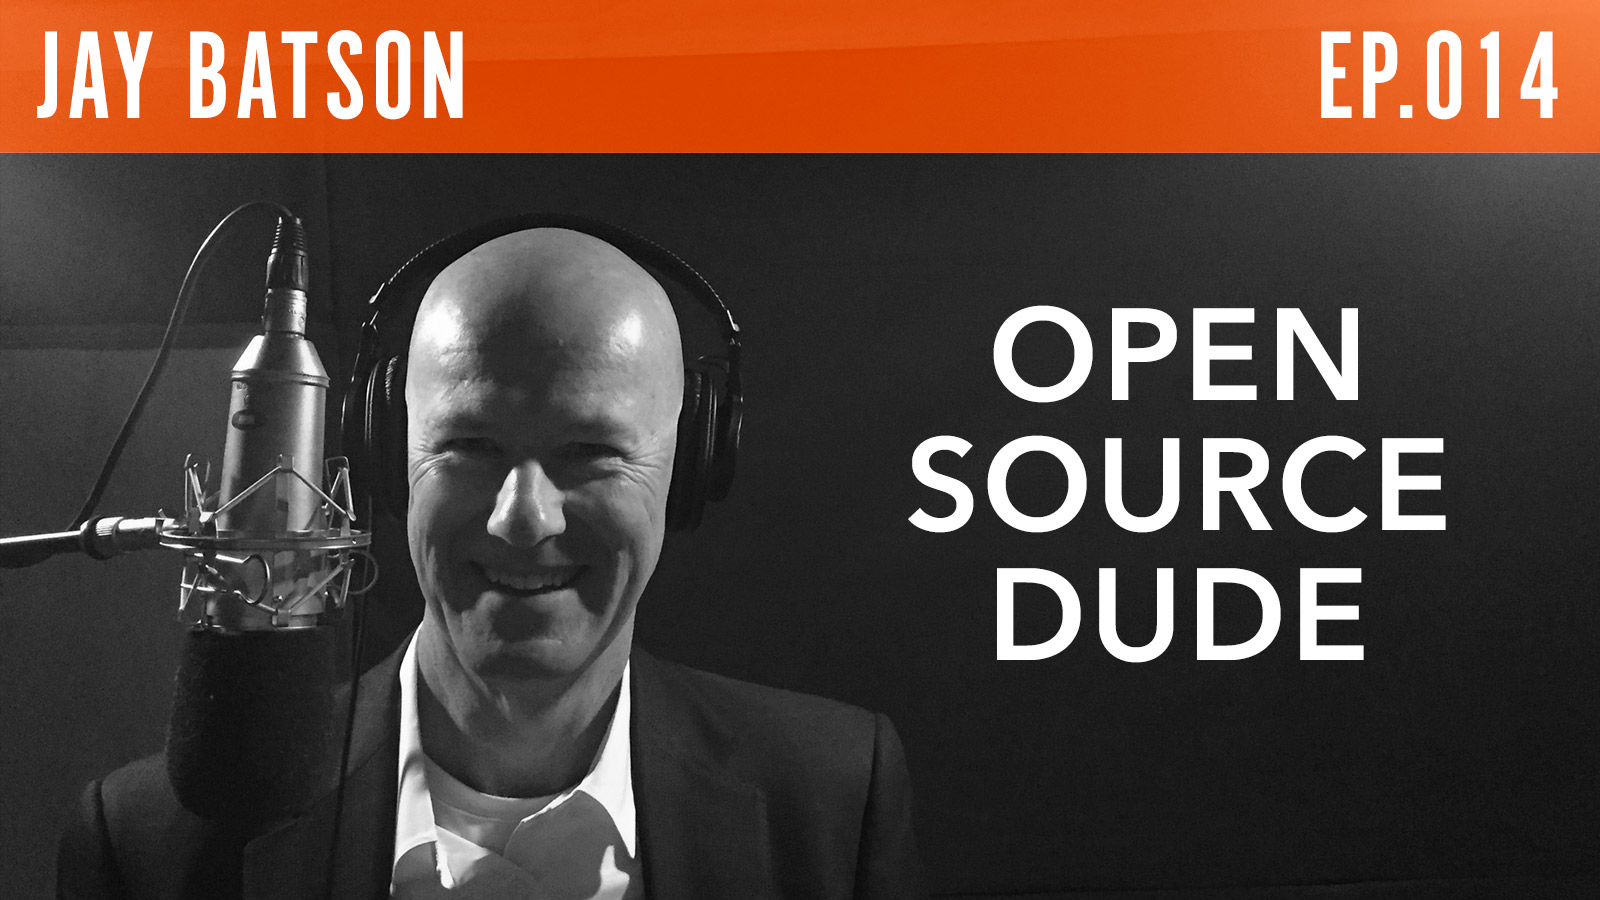 Jay Batson  Open Source Dude